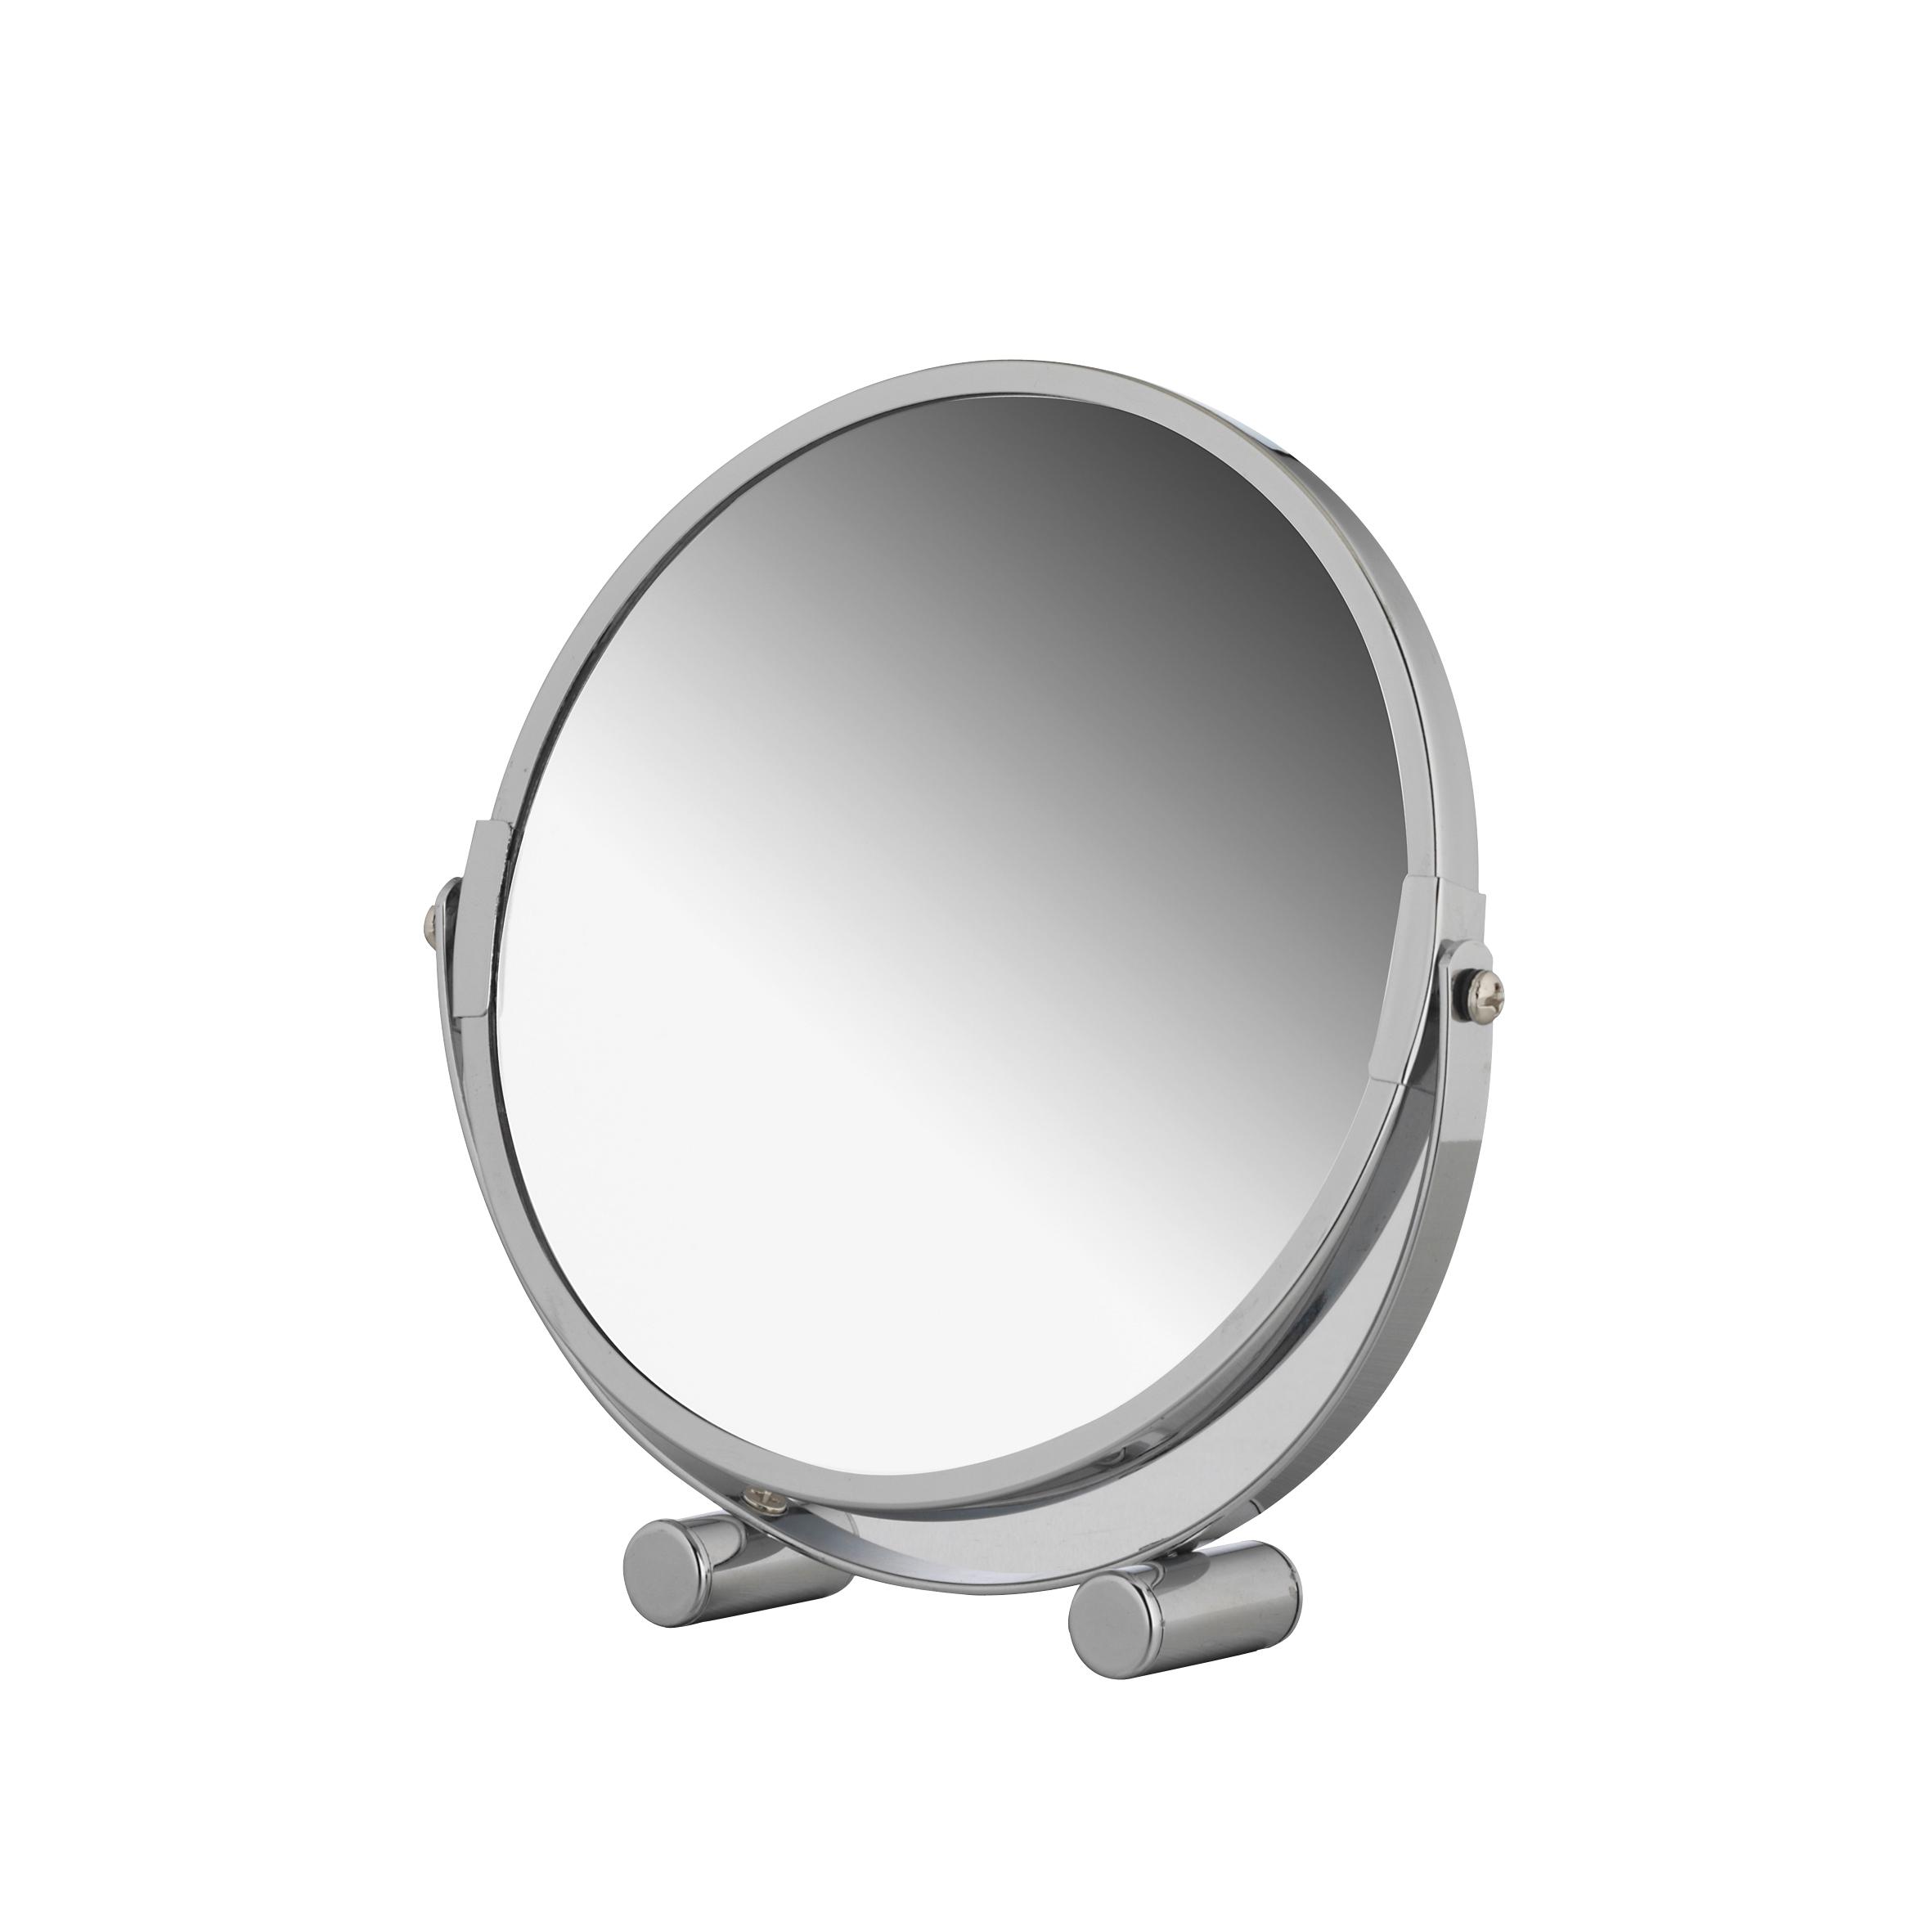 Зеркало косметическое Axentia, настольное, диаметр 17 см282805Двухсторонне косметическое зеркало Axentia с трехкратным увеличением с одной из сторон идеально подойдет для косметических процедур, нанесения и снятия макияжа, коррекции бровей и многого другого. Изделие имеет настольную конструкцию.Компактные размеры и возможность разворота на 360 градусов создаст дополнительный комфорт при использовании данного аксессуара.Диаметр зеркала: 17 см.